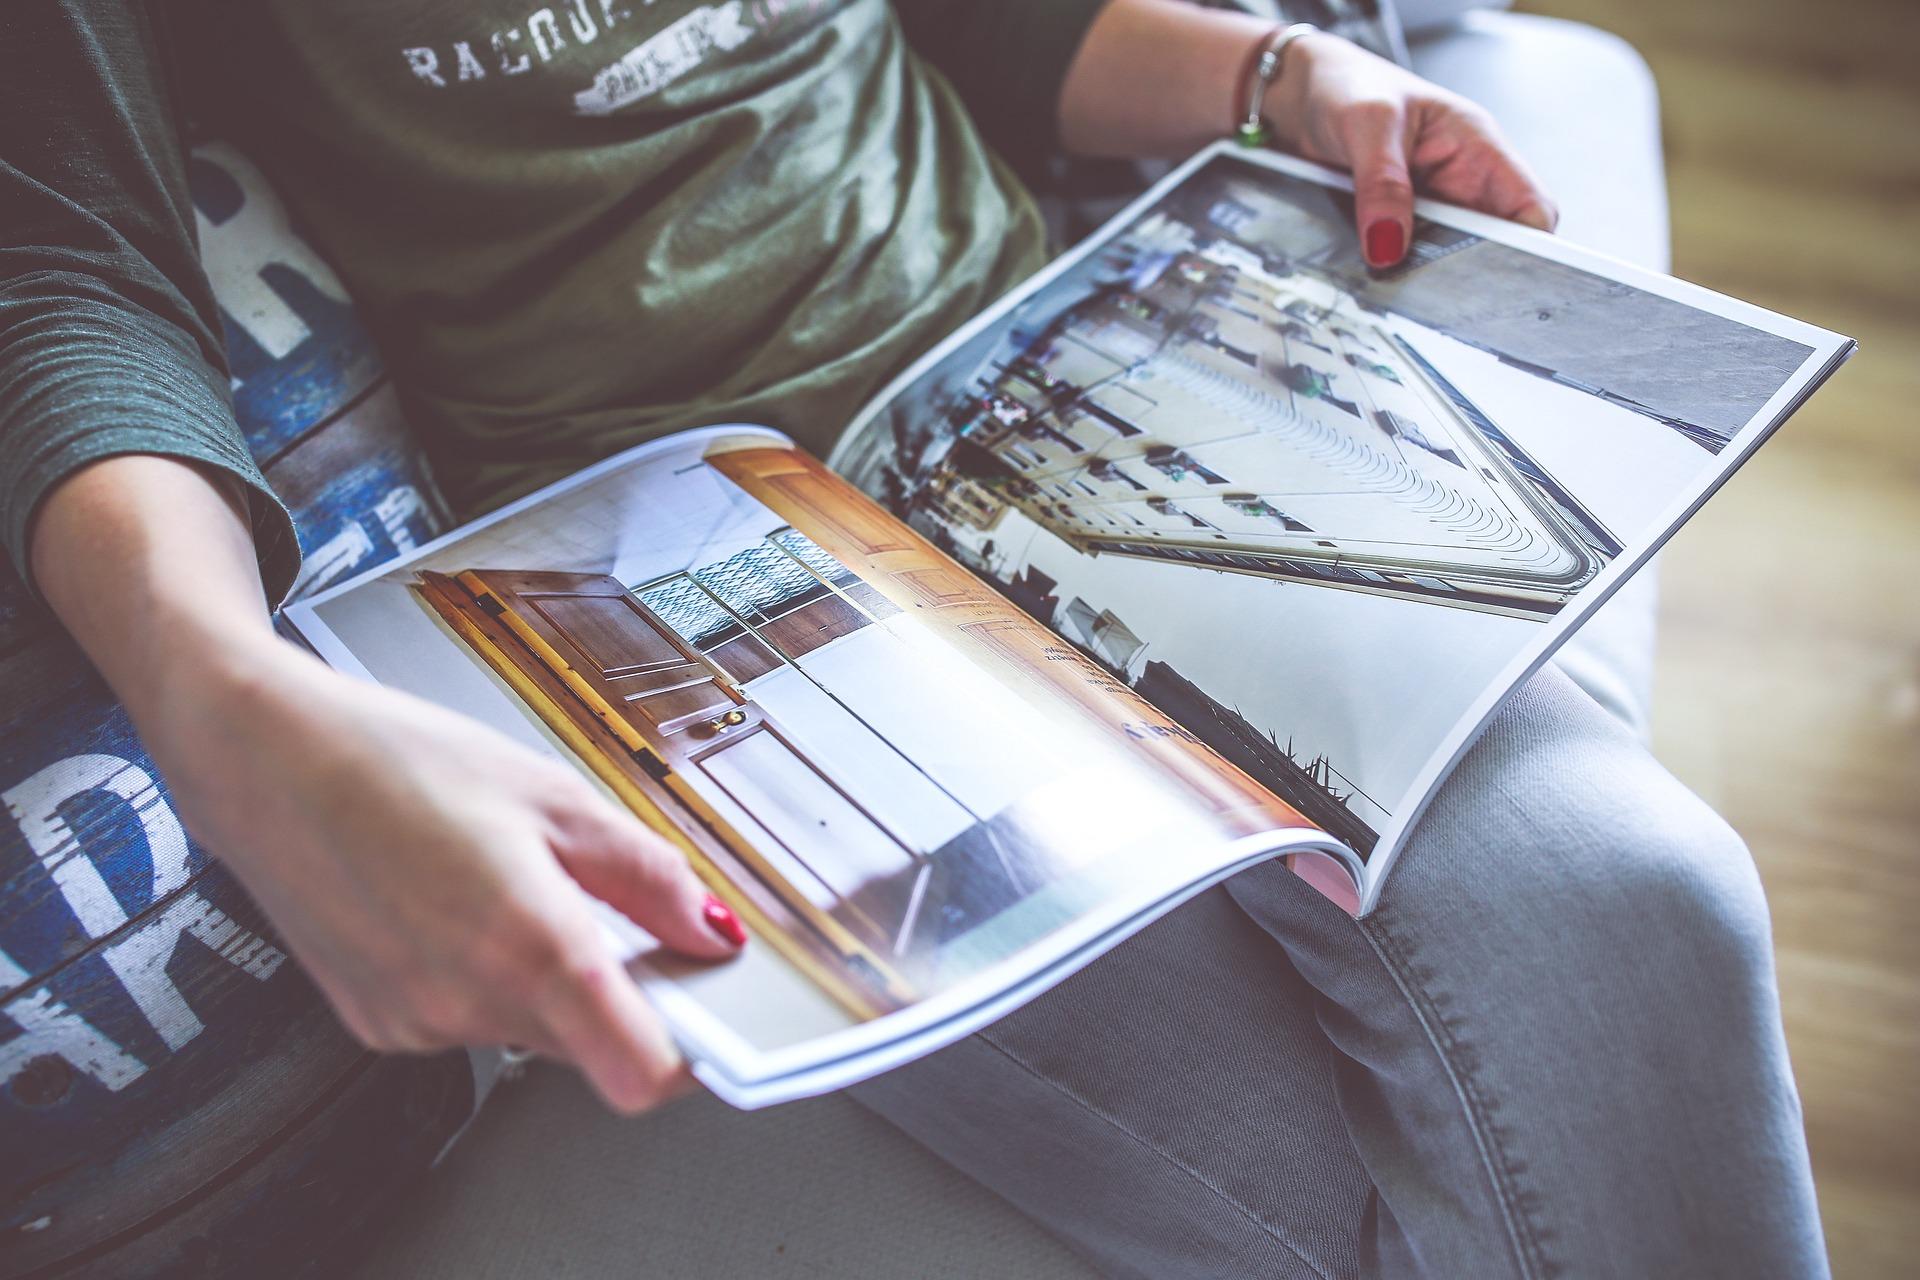 Darmowe i płatne serwisy portfolio dla freelancerów